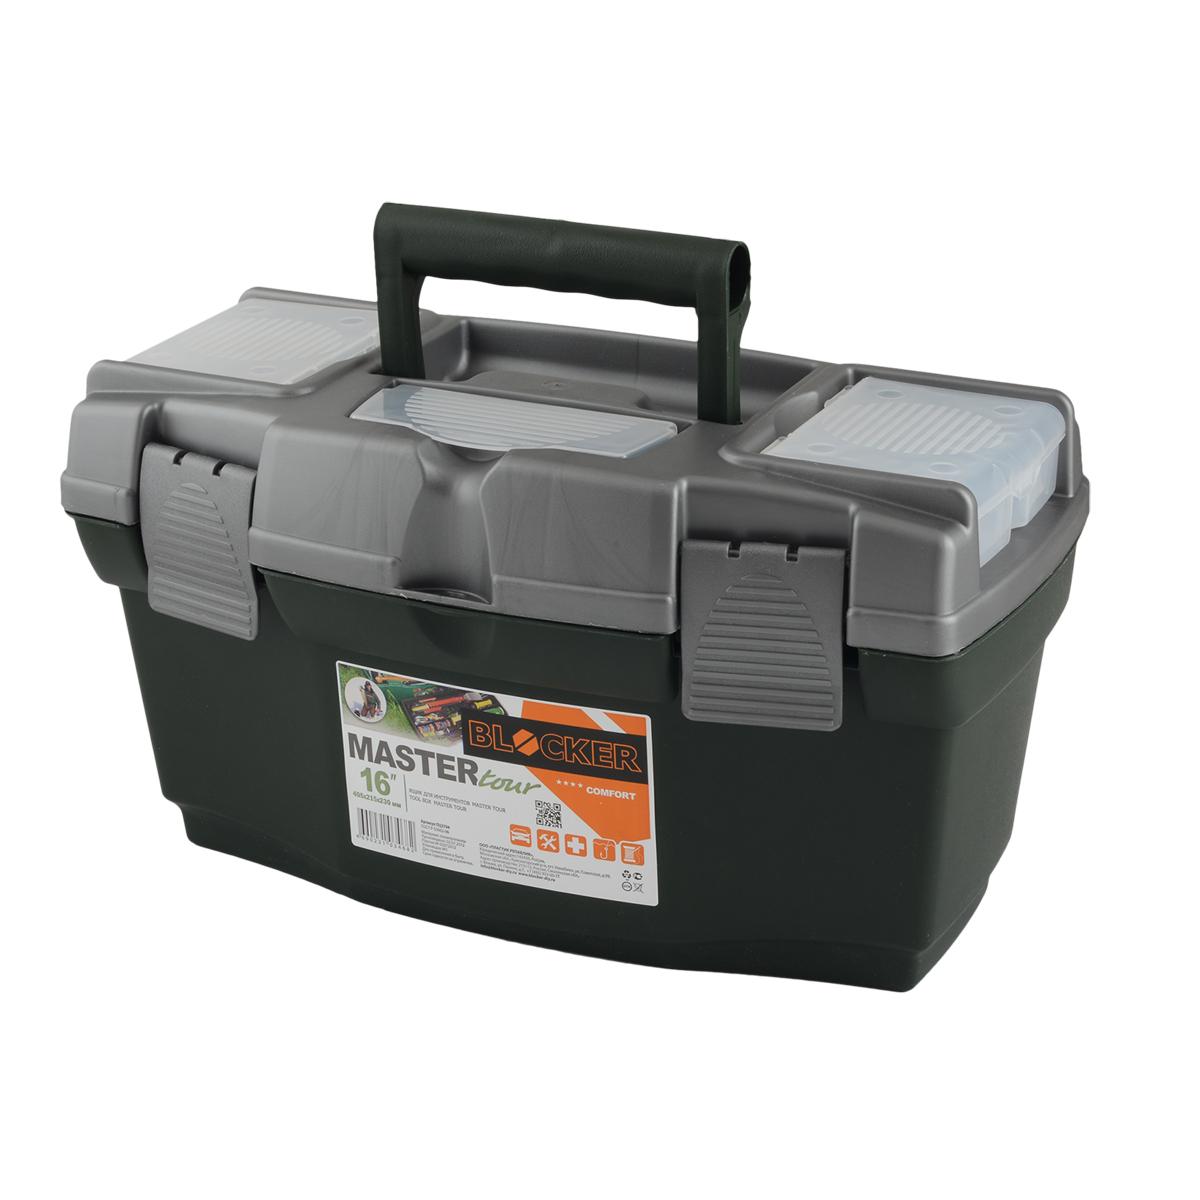 Ящик для инструментов Blocker Master Tour, цвет: темно-зеленый, 405 х 215 х 230 мм инвентарь для турпоходов blog tour pe007